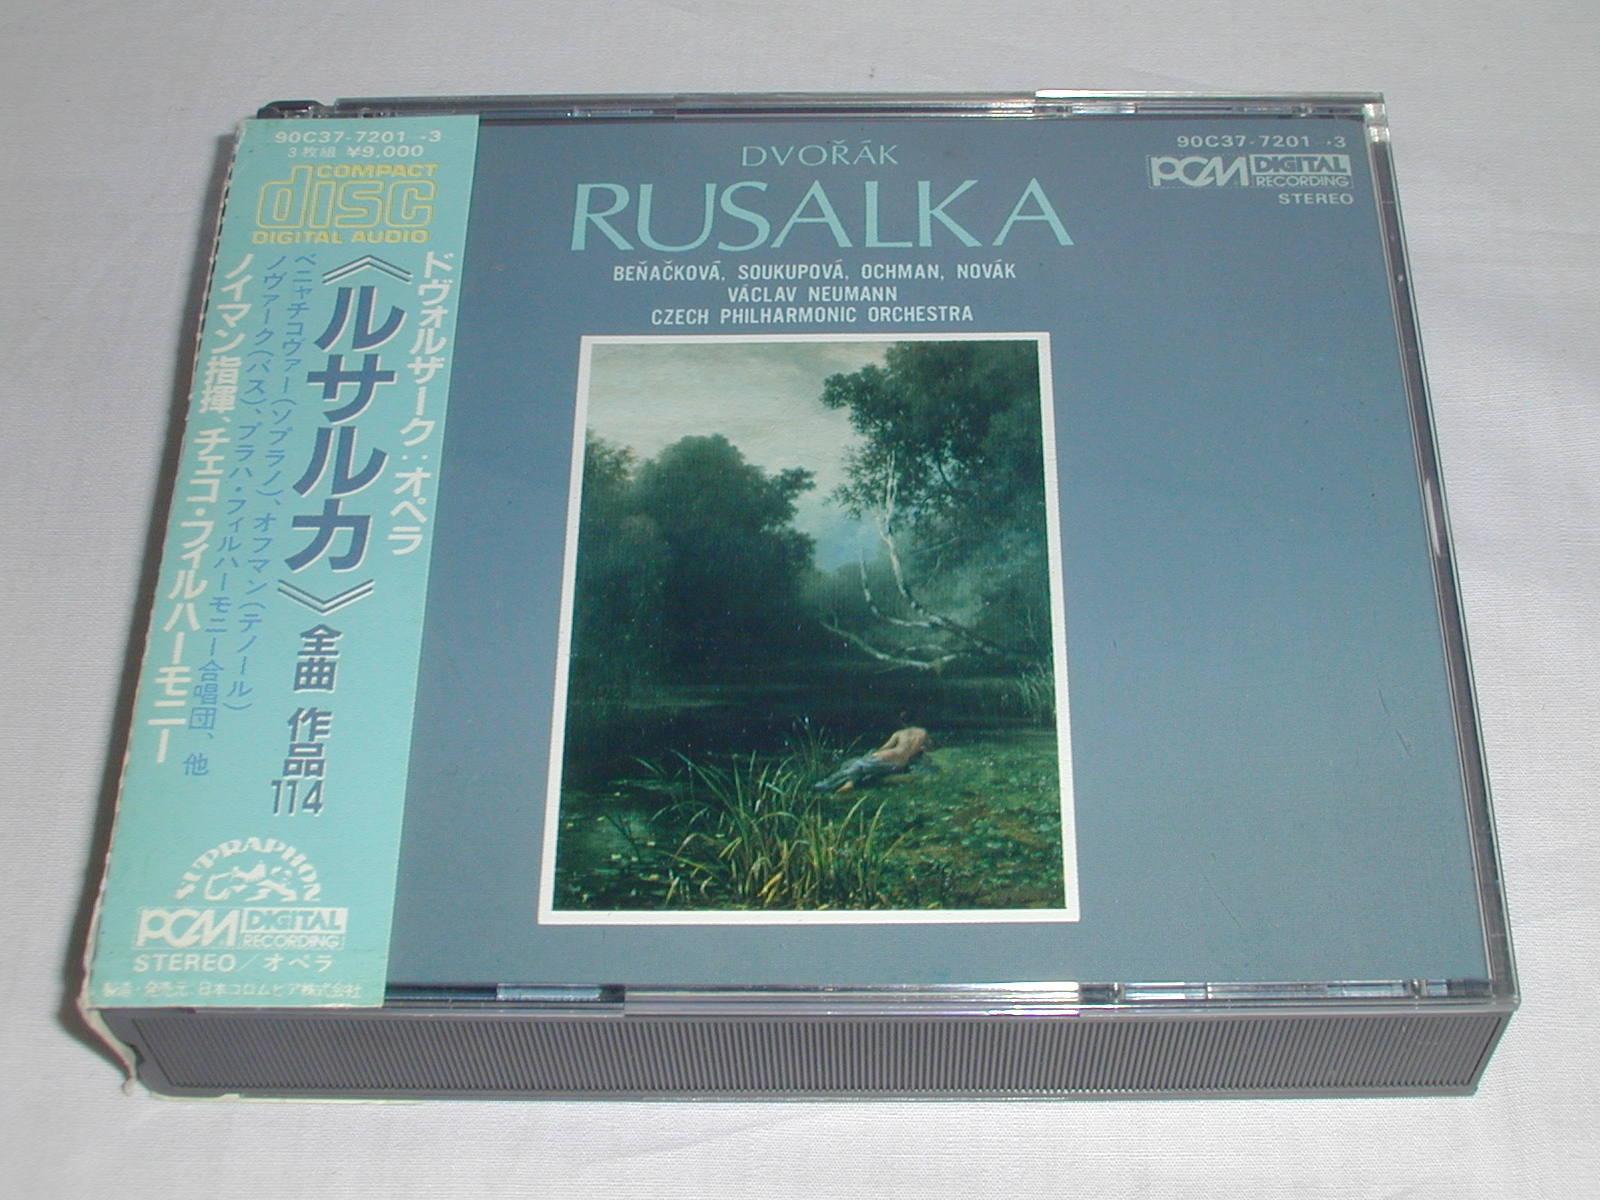 (CD) ドヴォルザーク:歌劇「ルカルス」 全曲/ノイマン <3枚組>